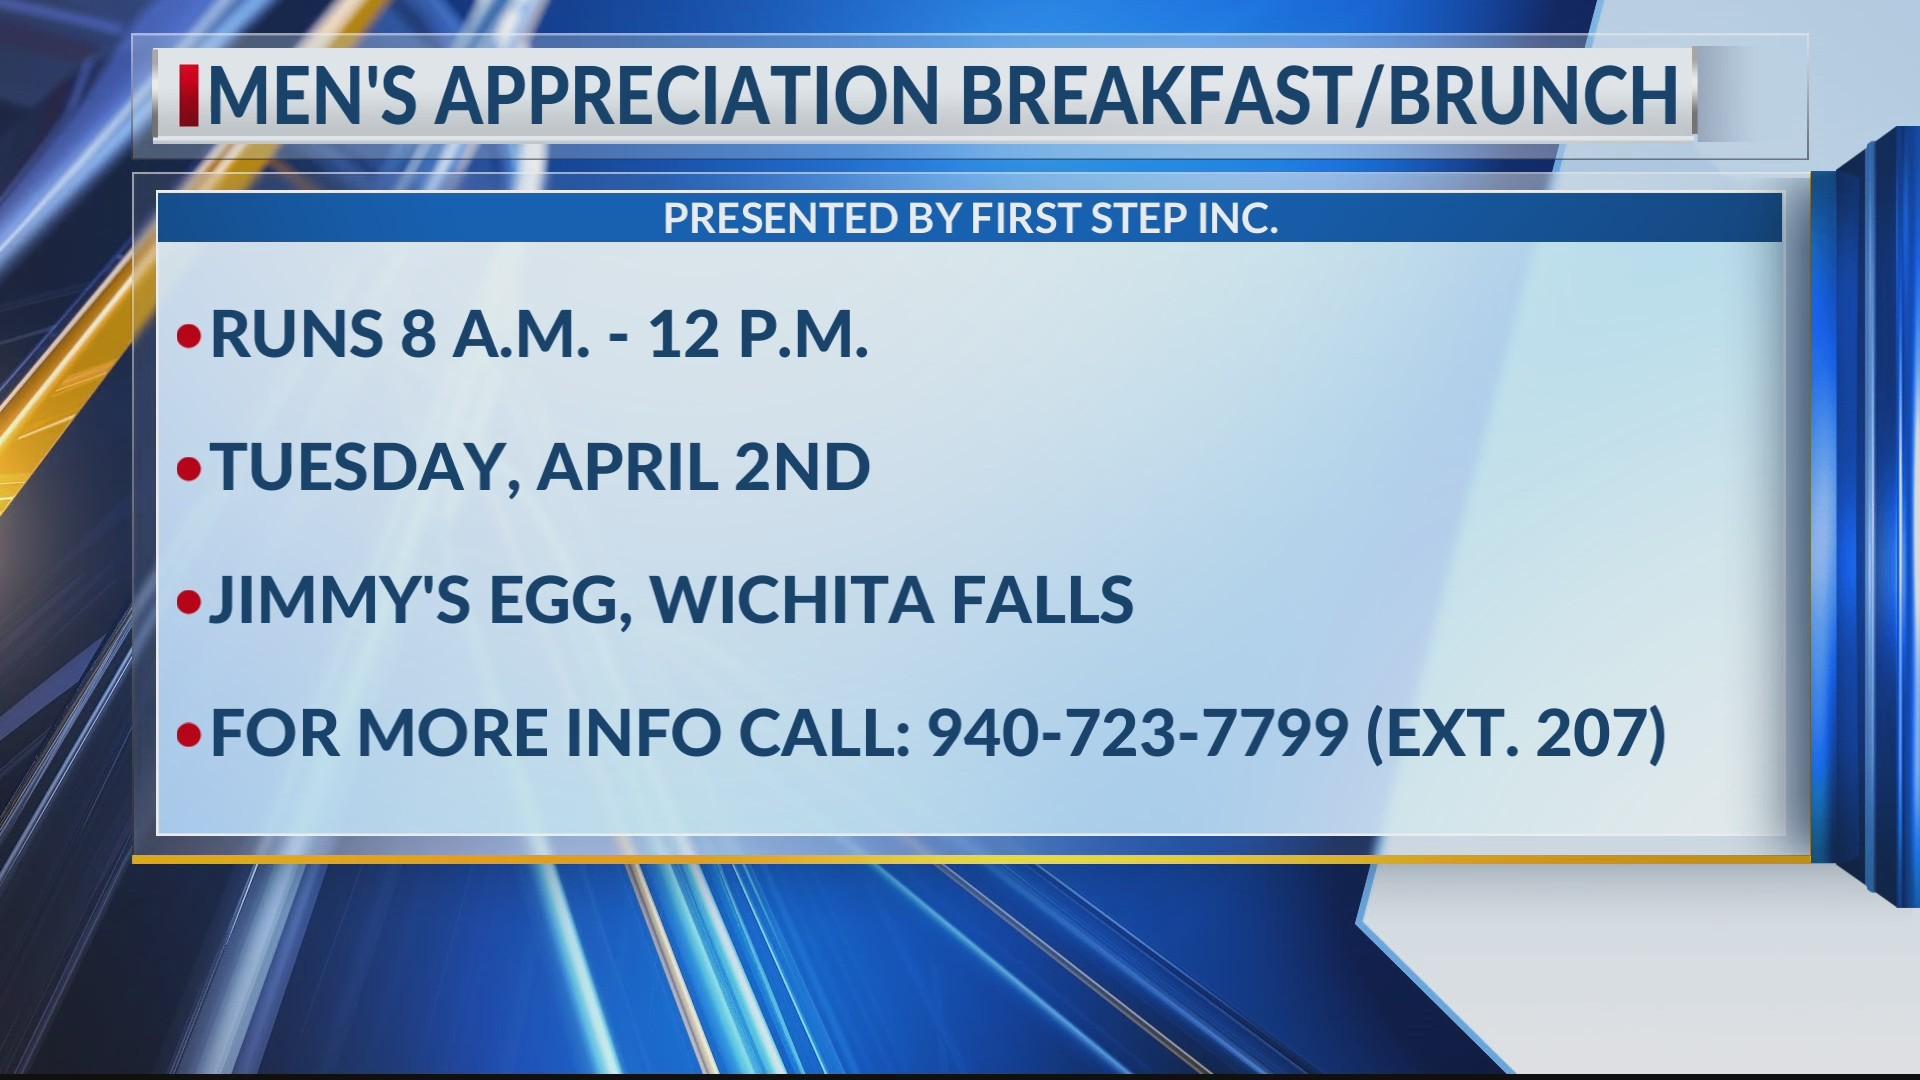 Men_s_appreciation_breakfast_brunch_1_20190321115259